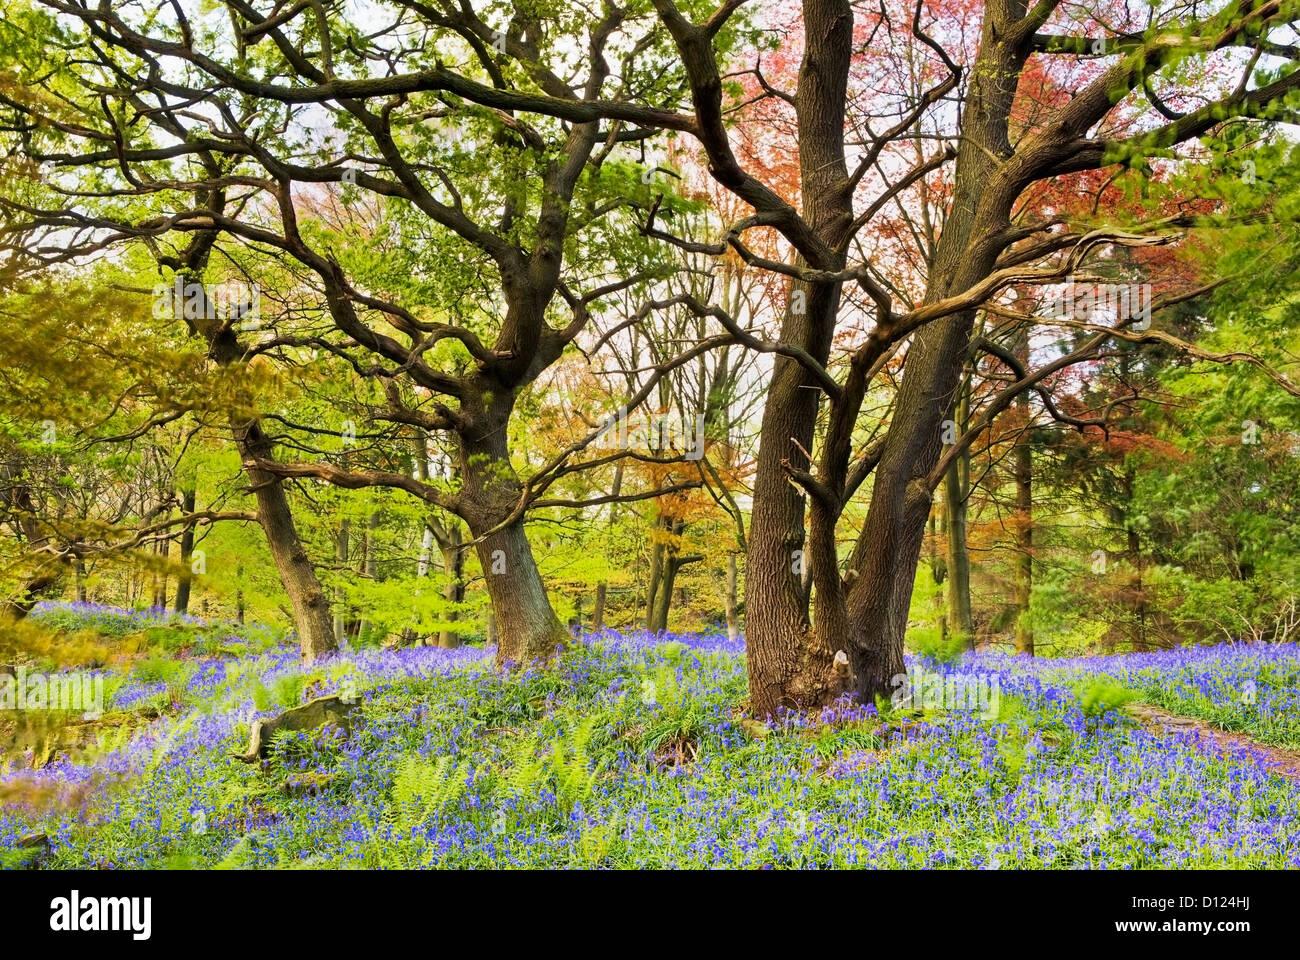 middleton woods ilkley yorkshire stock photos u0026 middleton woods